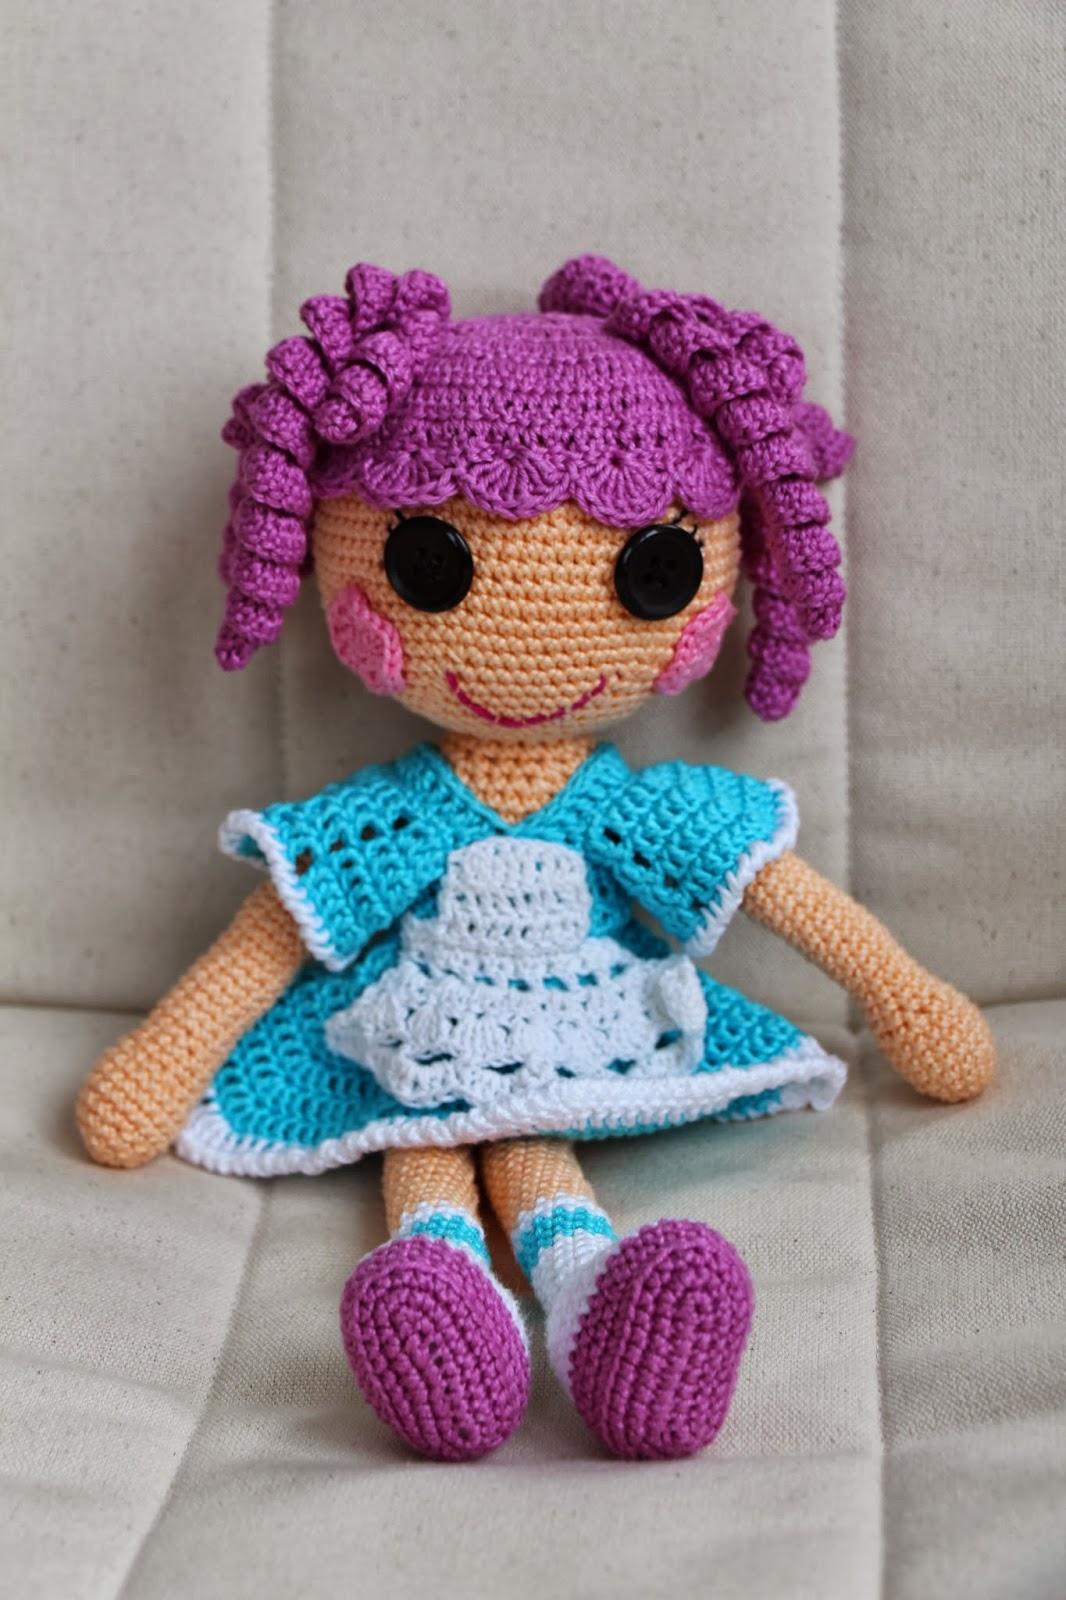 Вязаная кукла Lalaloopsy: подробная схема и описание